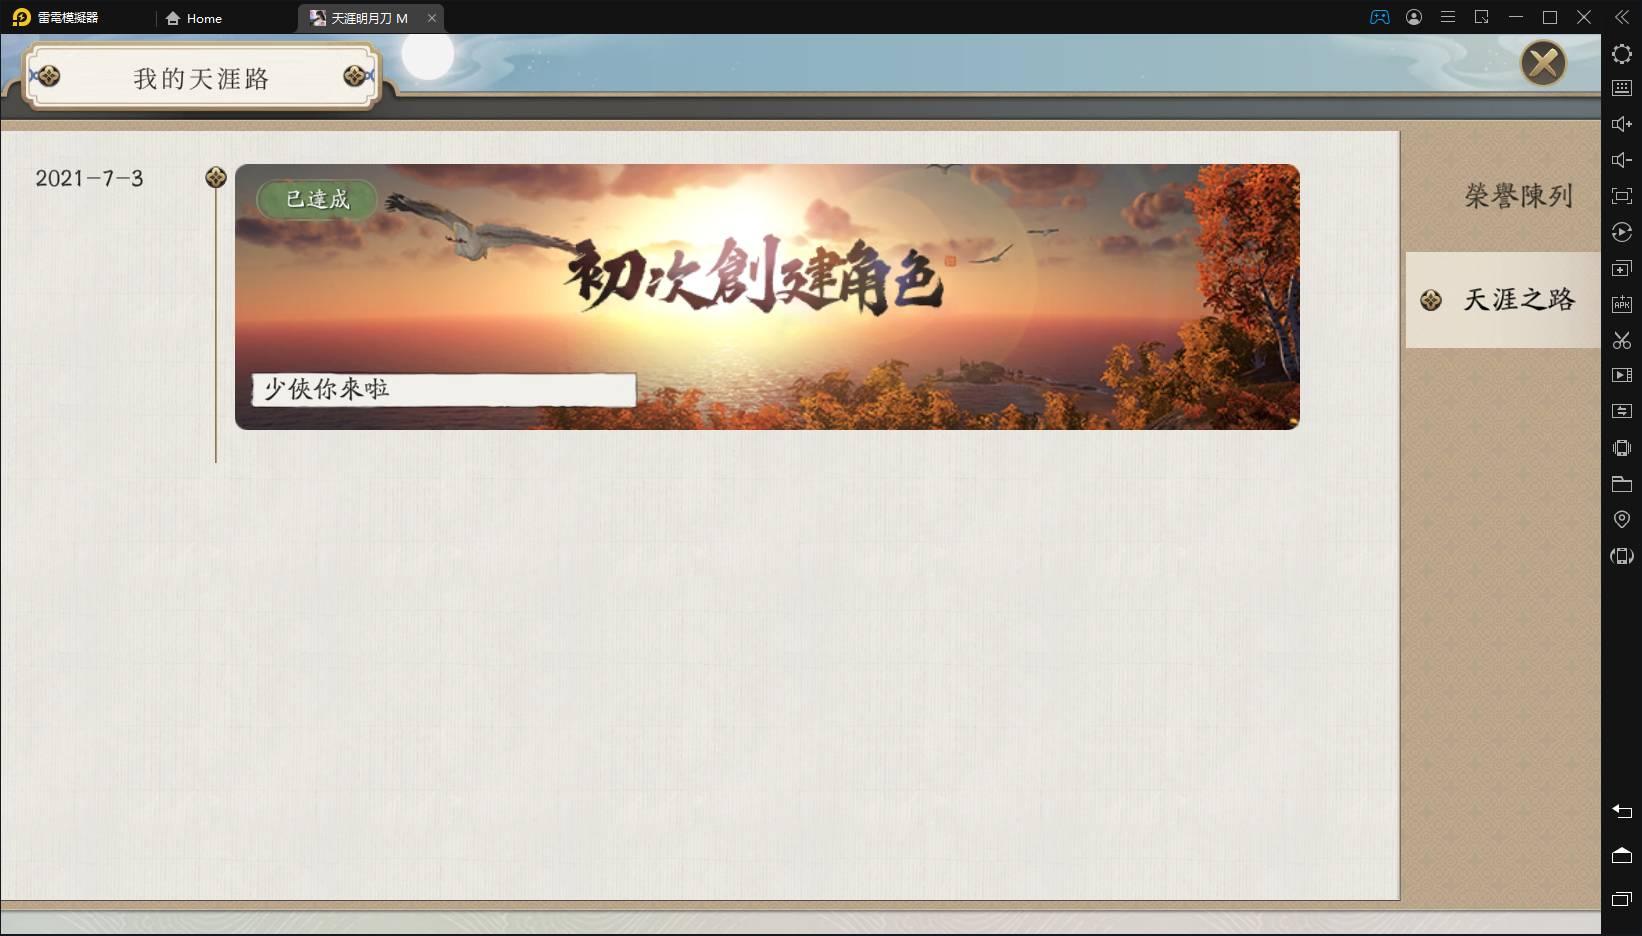 【攻略】《天涯明月刀M》江湖目標「成就」系統介紹